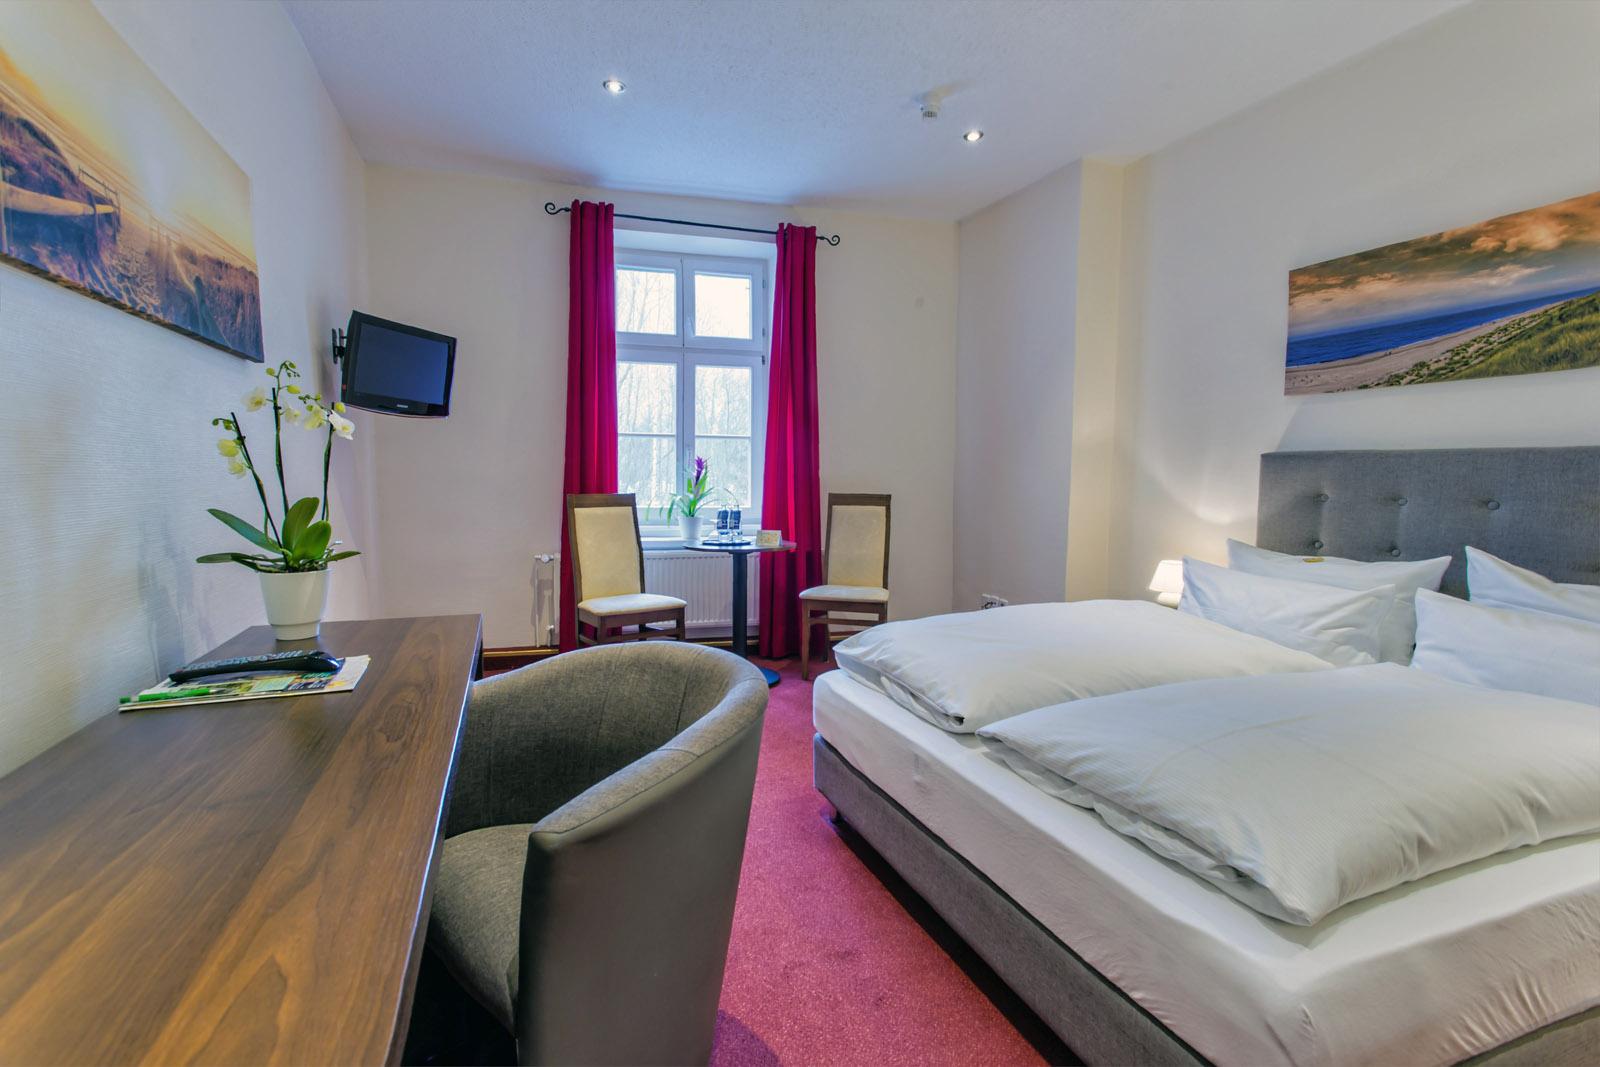 Standard-Doppelzimmer im Hotel Zur Alten Oder in 15230 Frankfurt/Oder